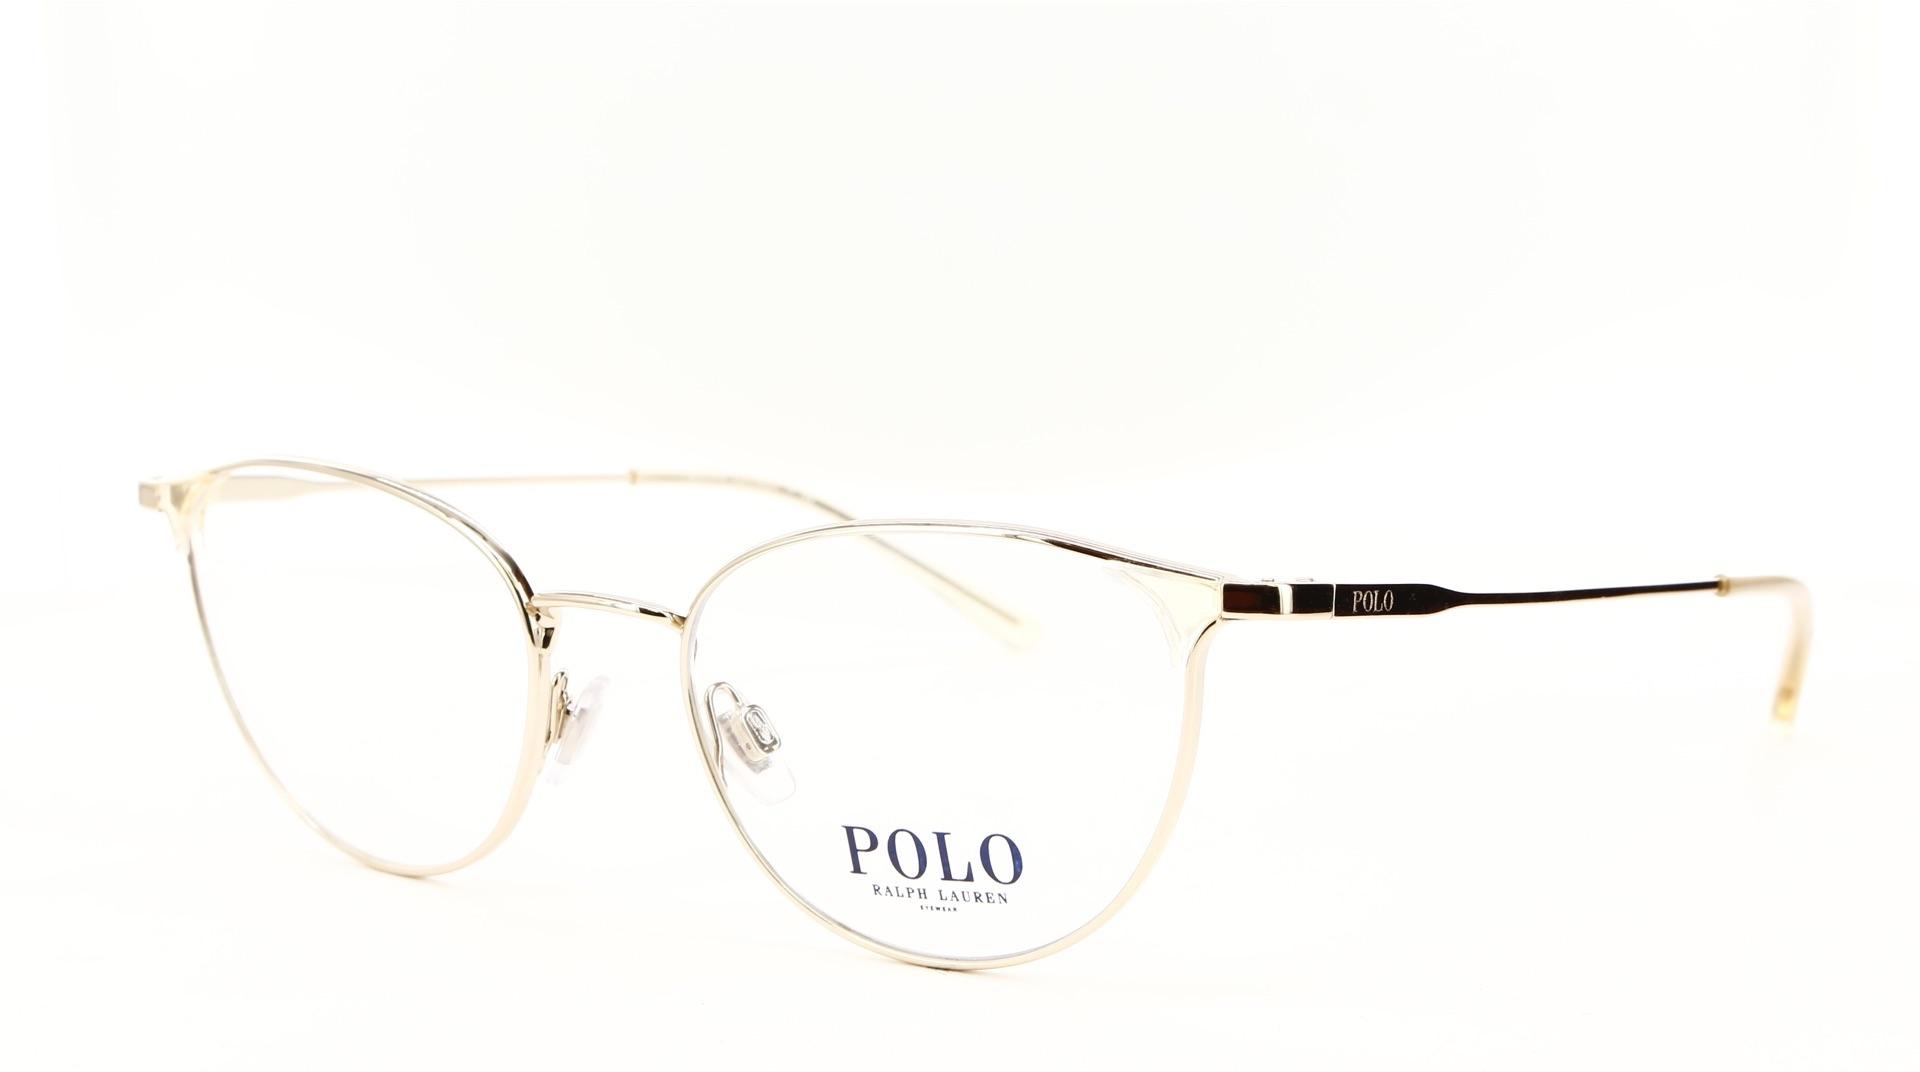 Polo Ralph Lauren - ref: 78629